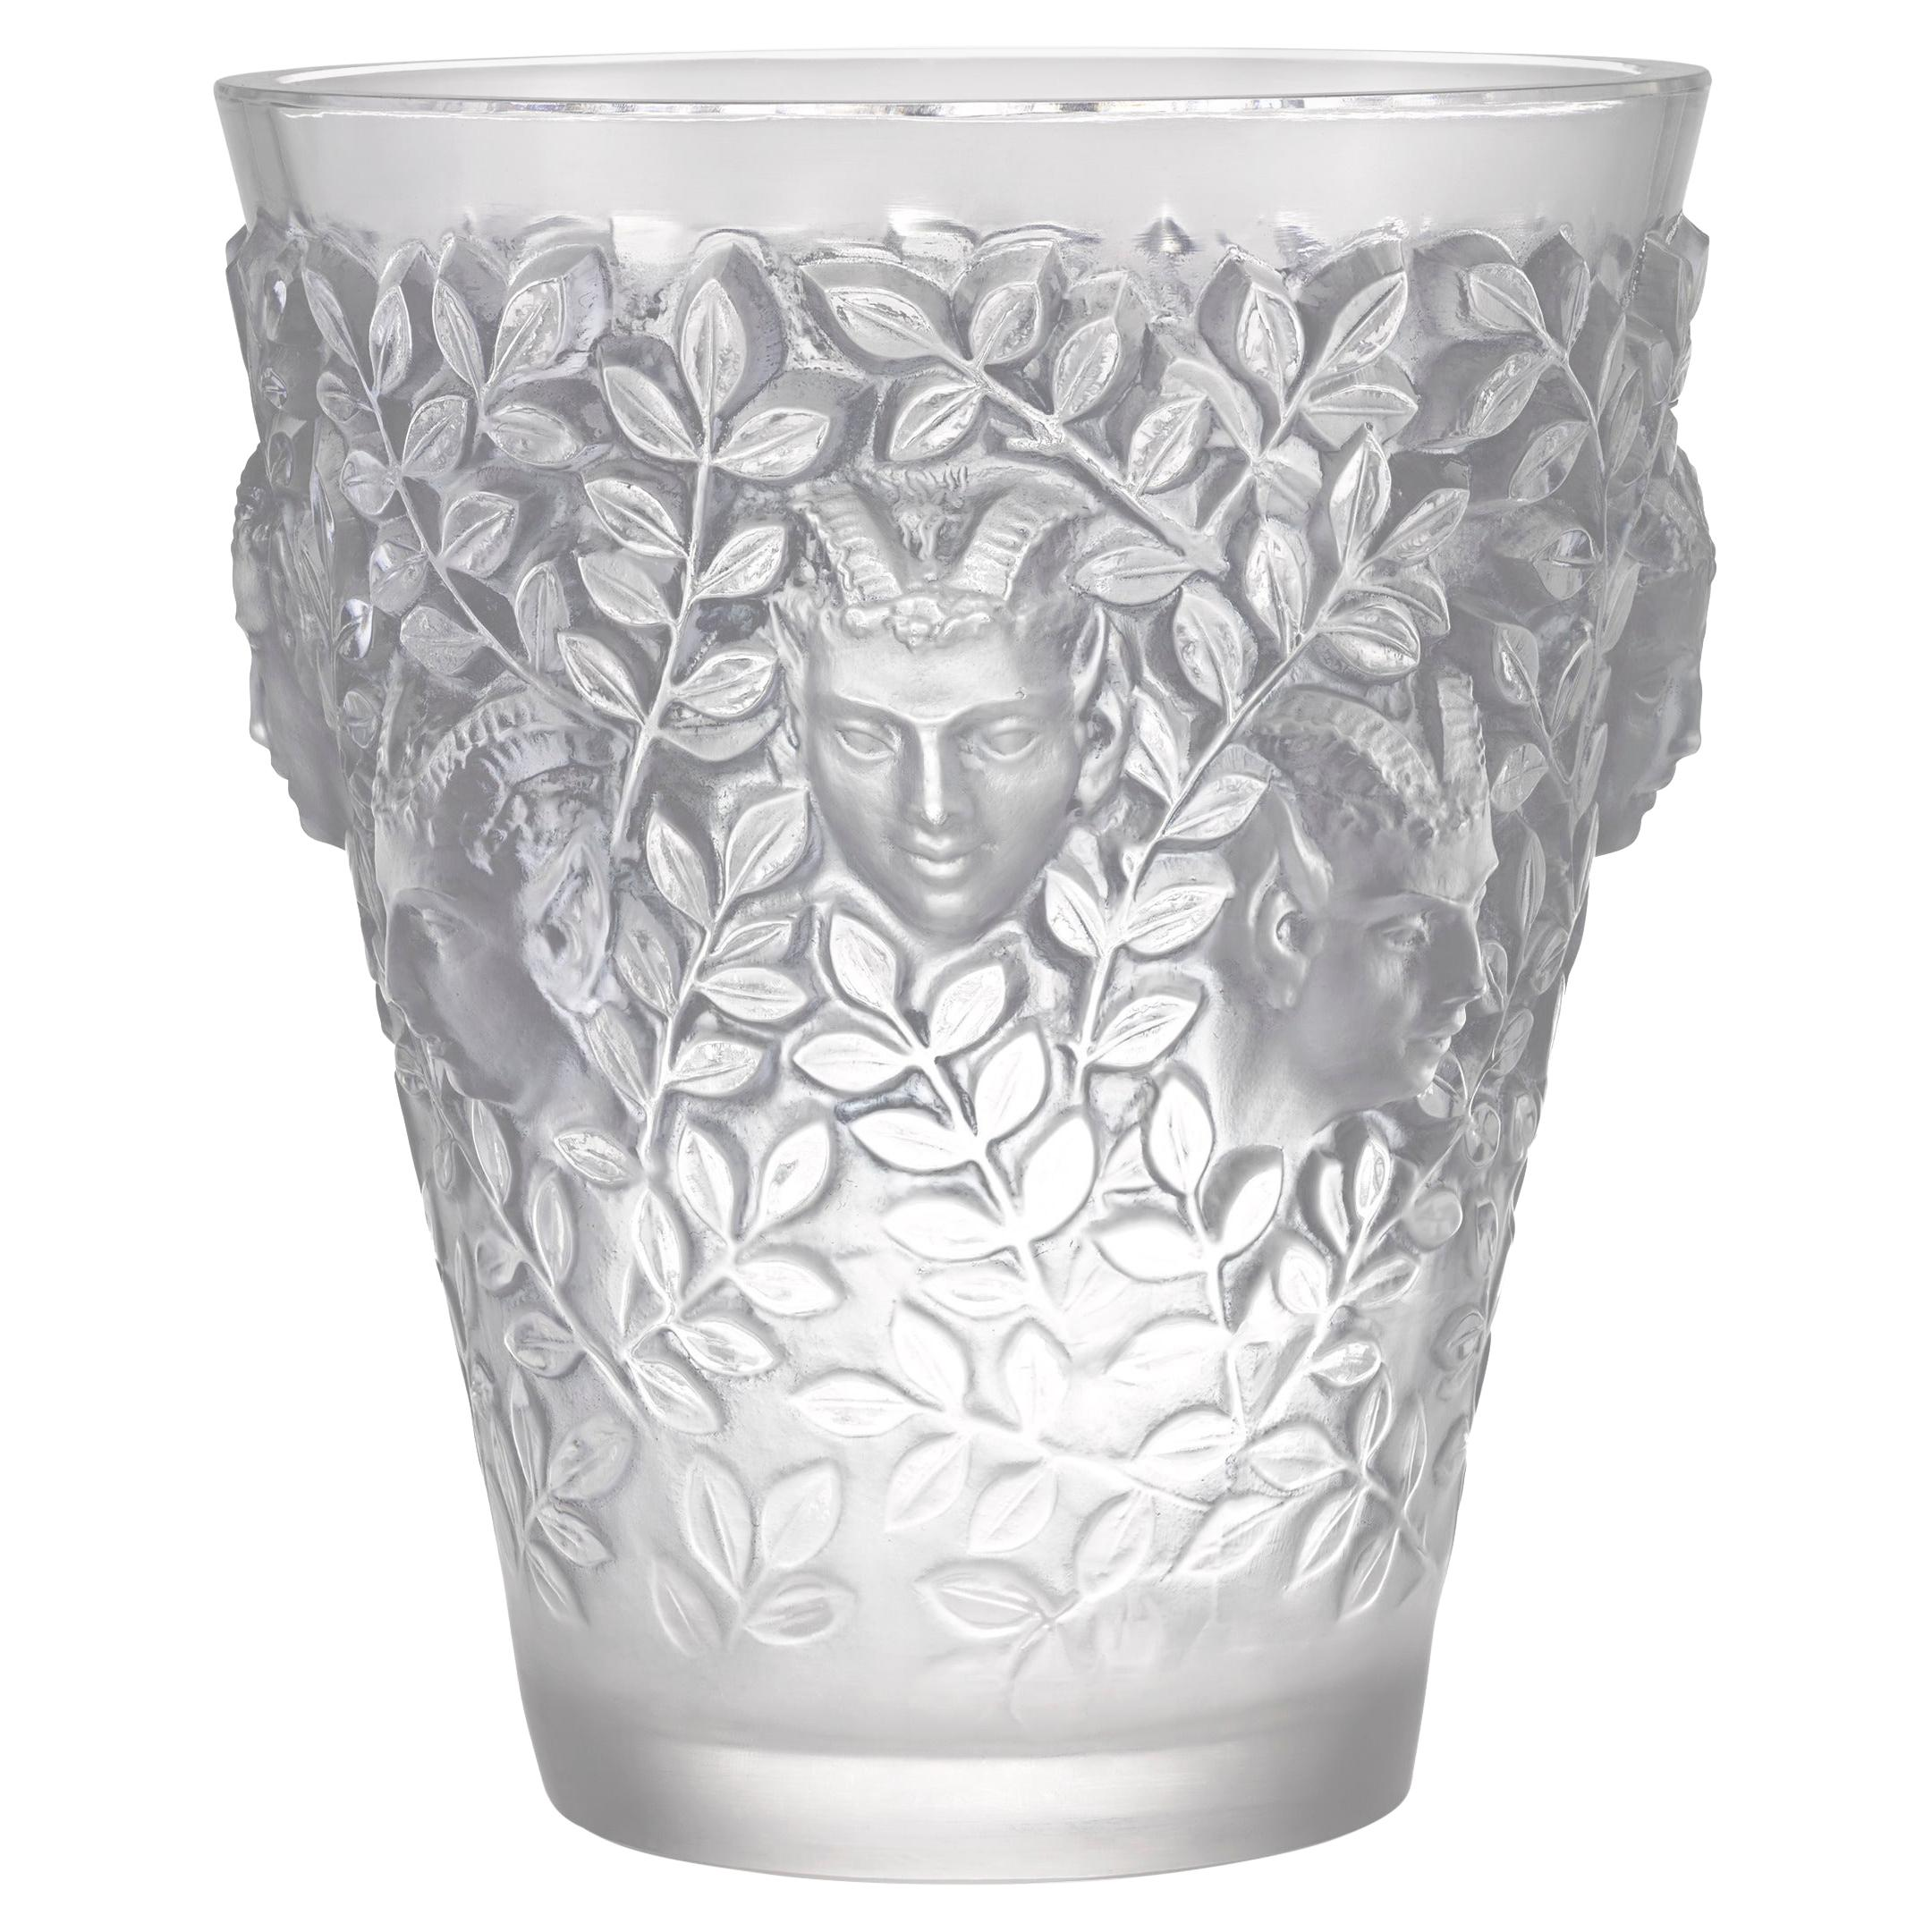 Silenes Glass Vase by René Lalique